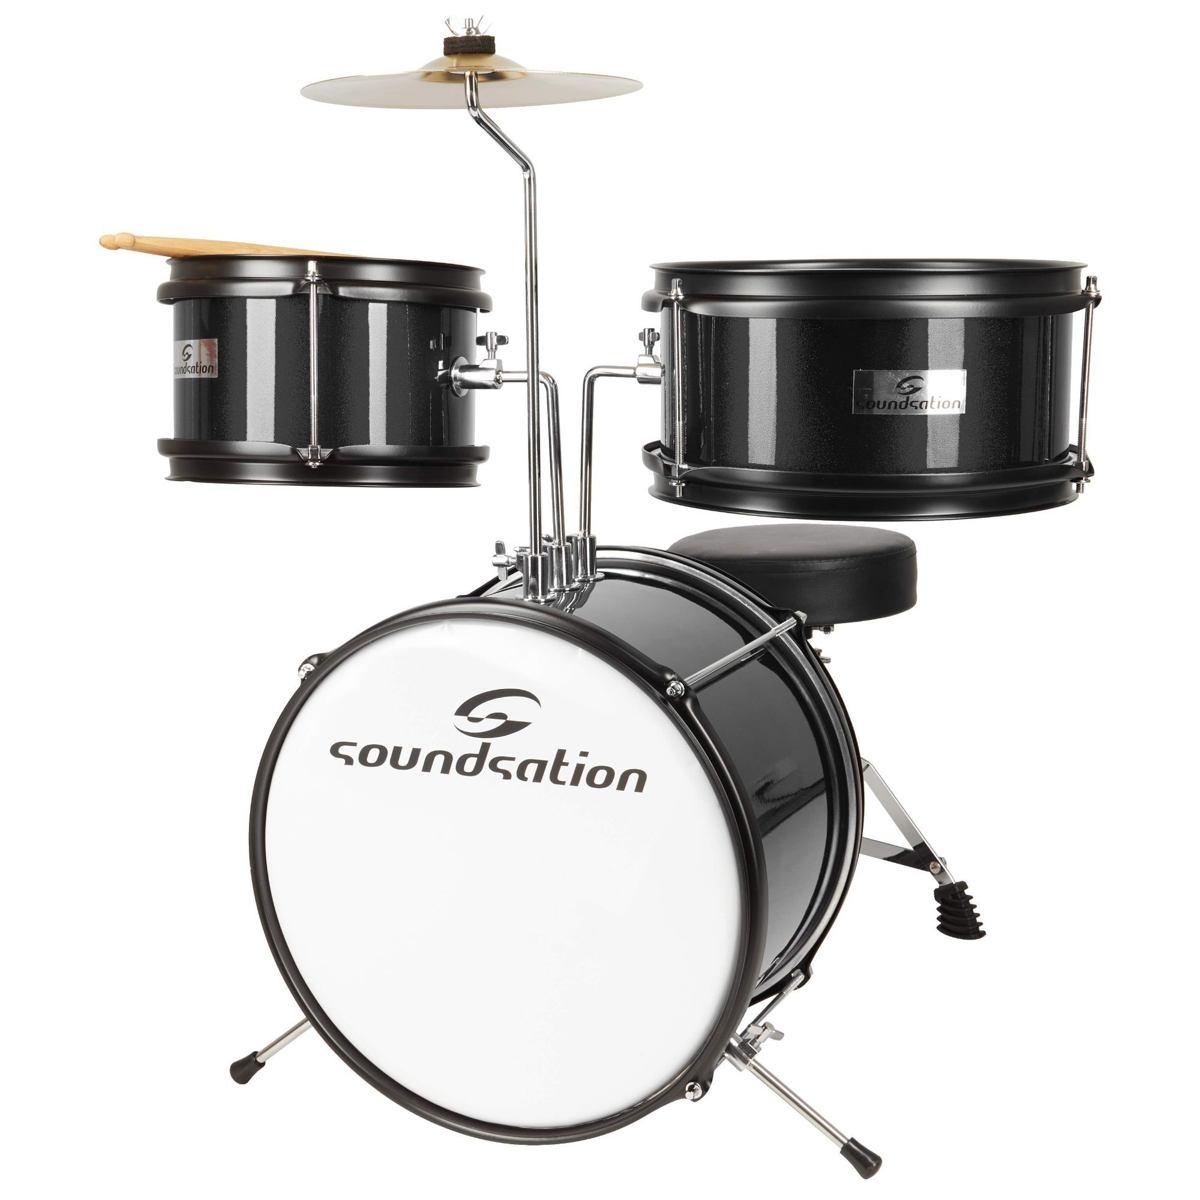 Soundsation JDK313 Barva: černá